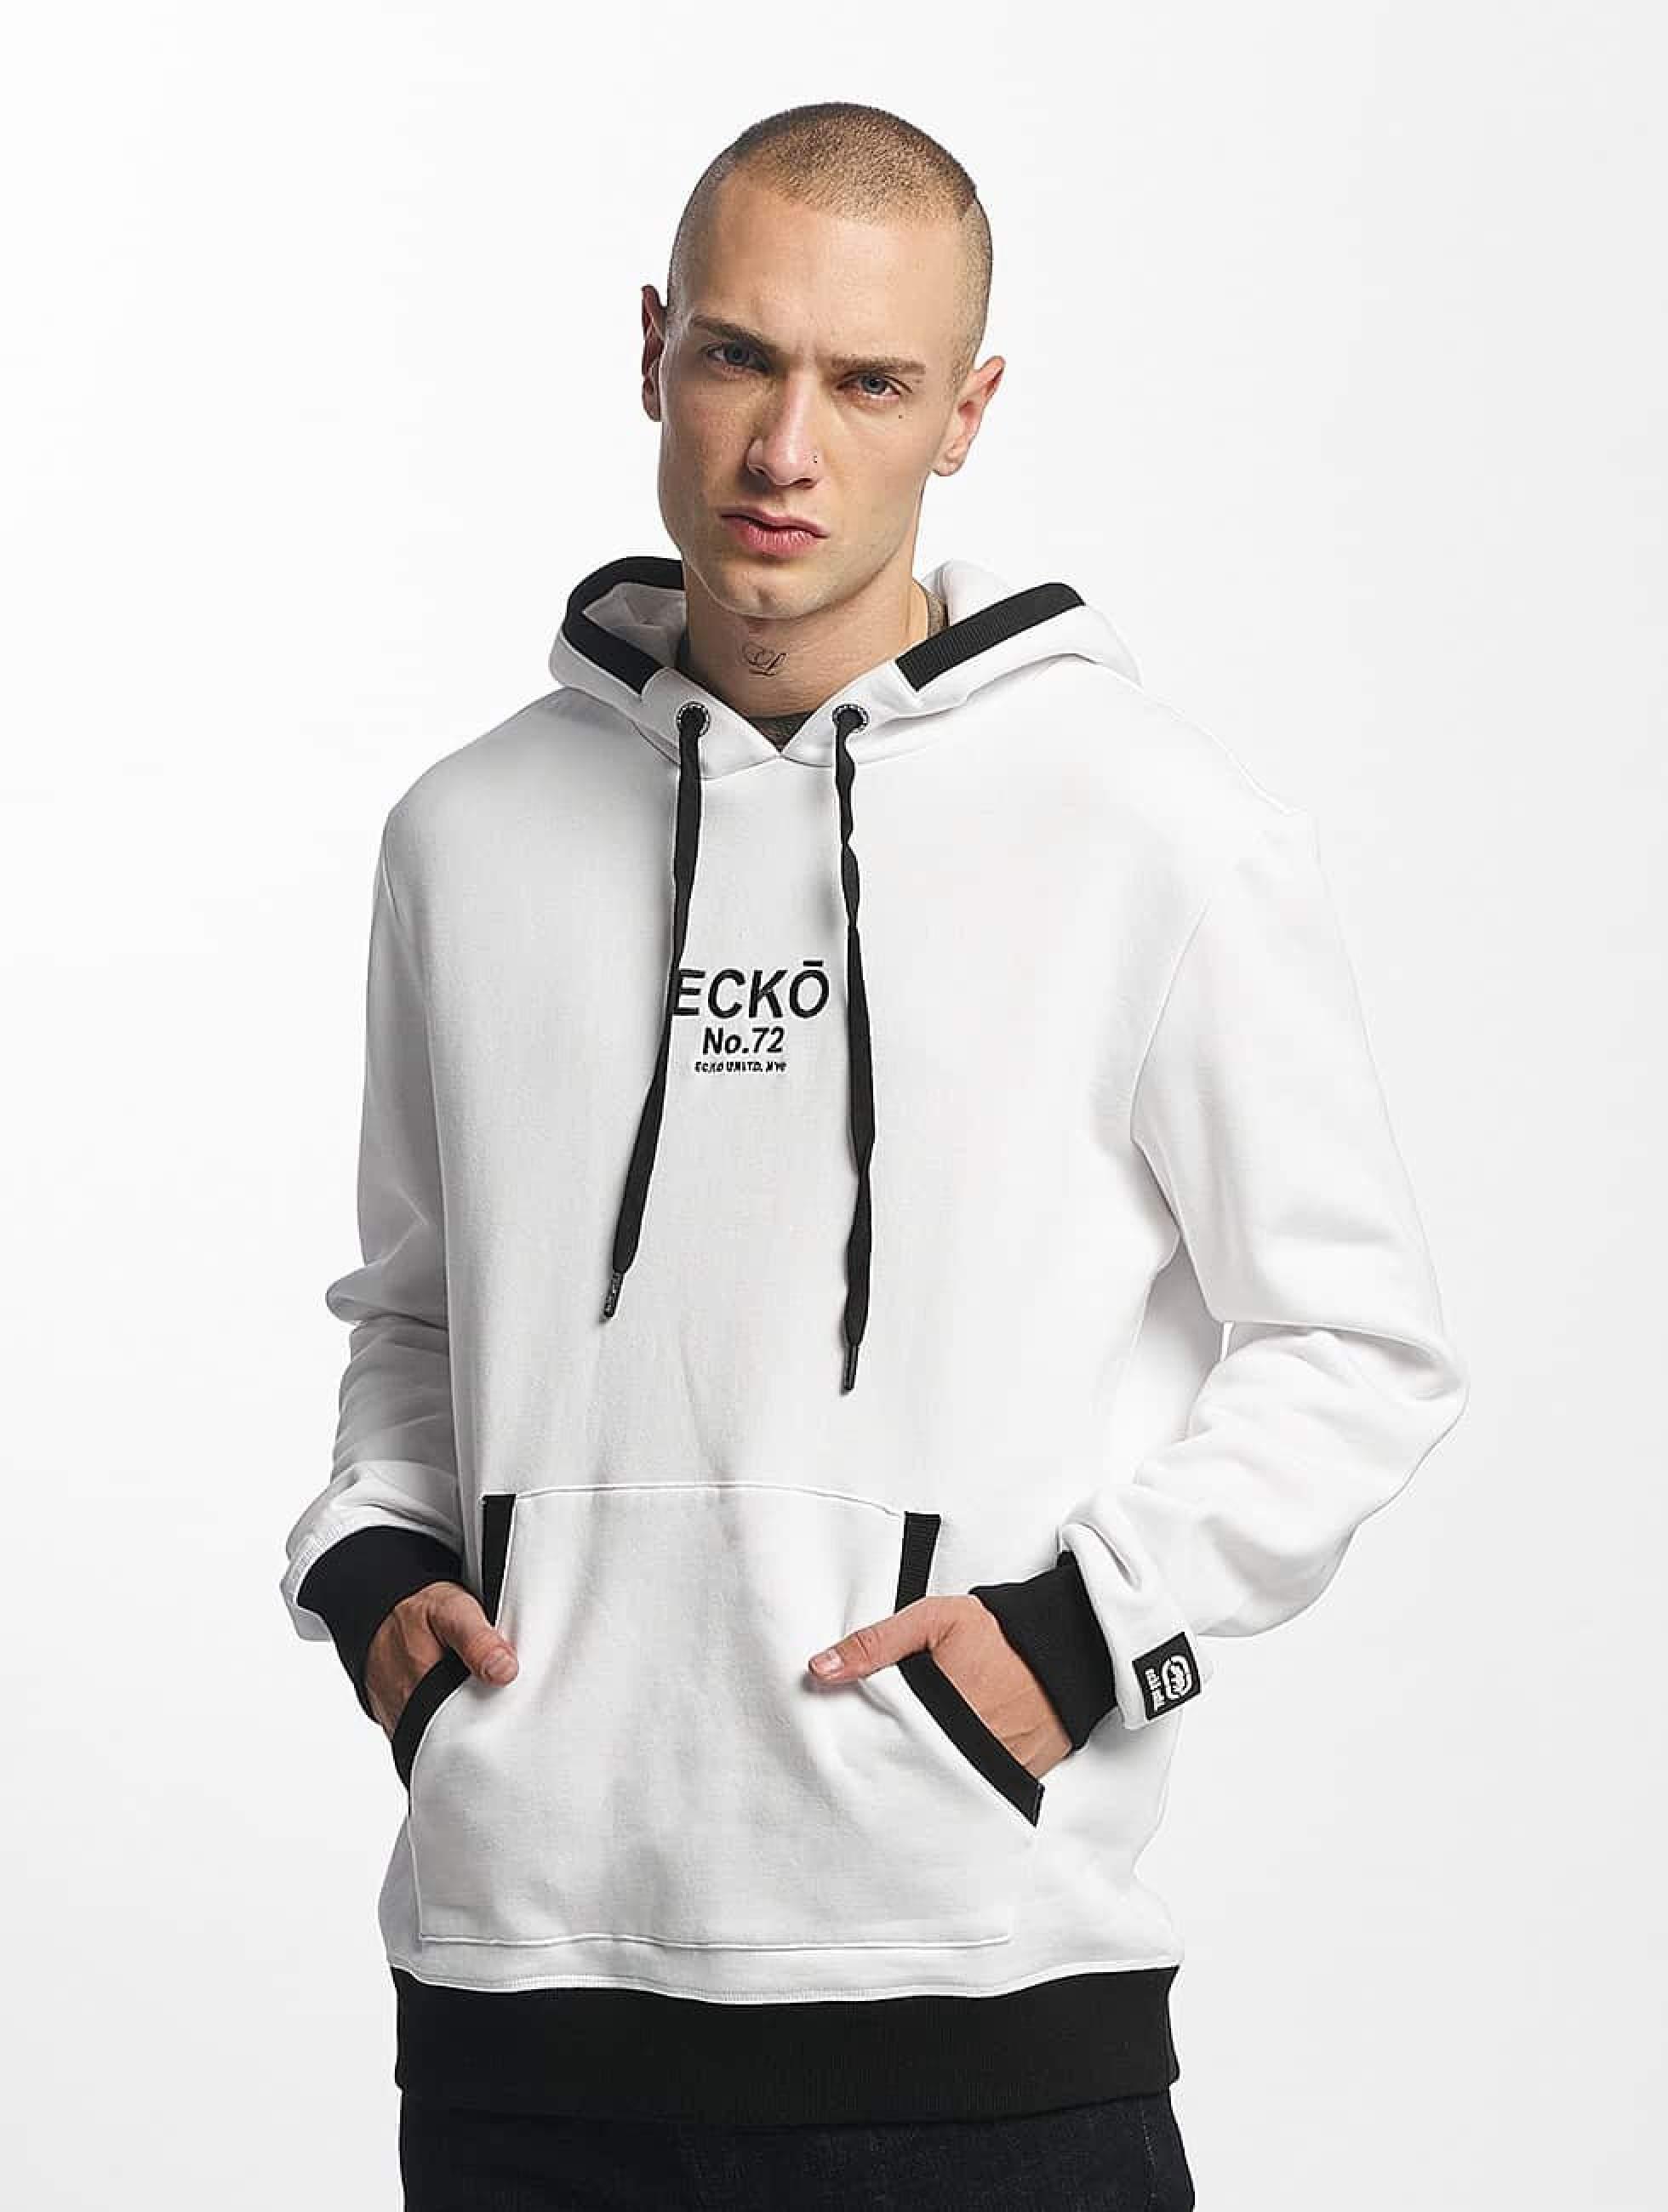 Ecko Unltd. / Hoodie SkeletonCoast in white 4XL